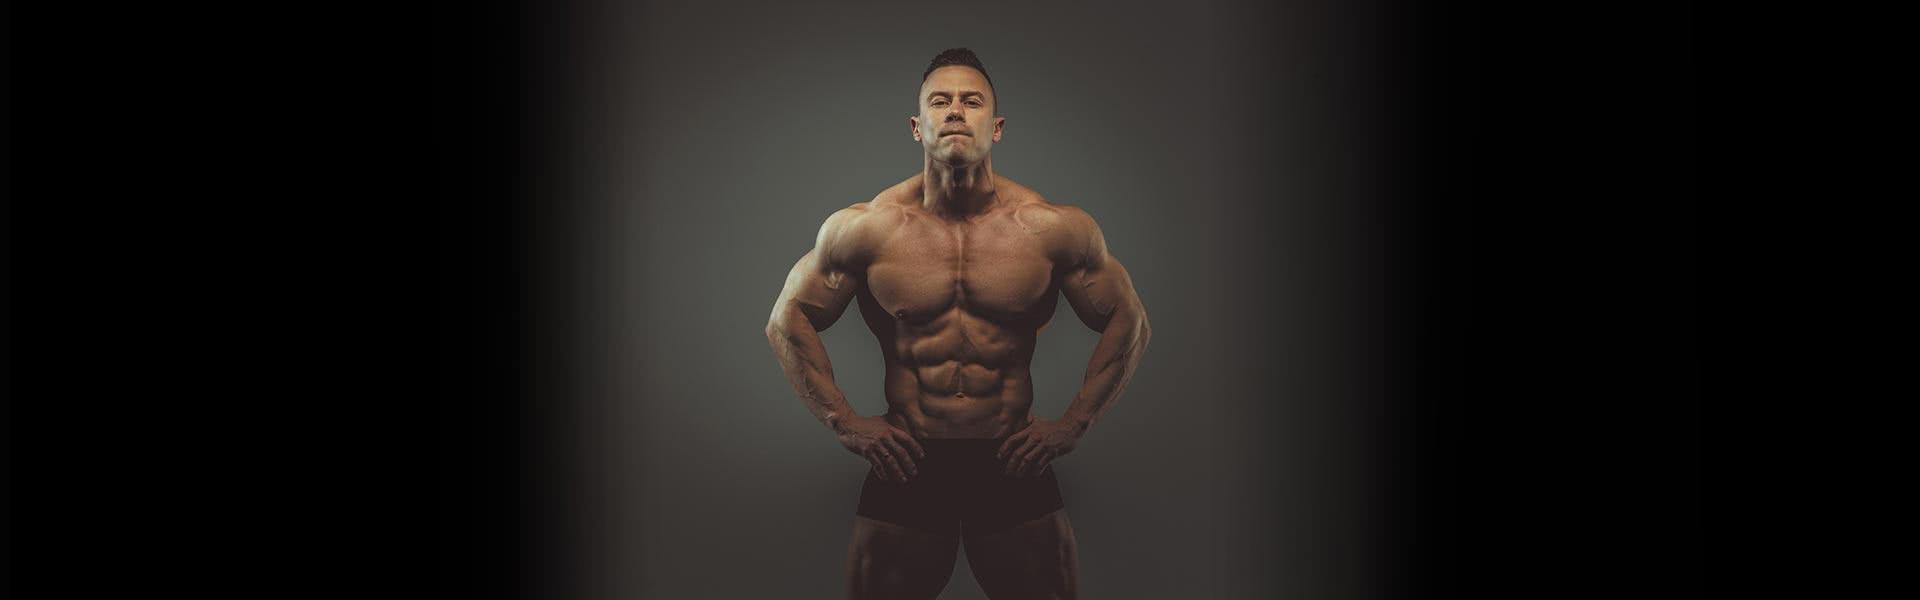 Comment faire pour se muscler et avoir des abdominaux apparents ?